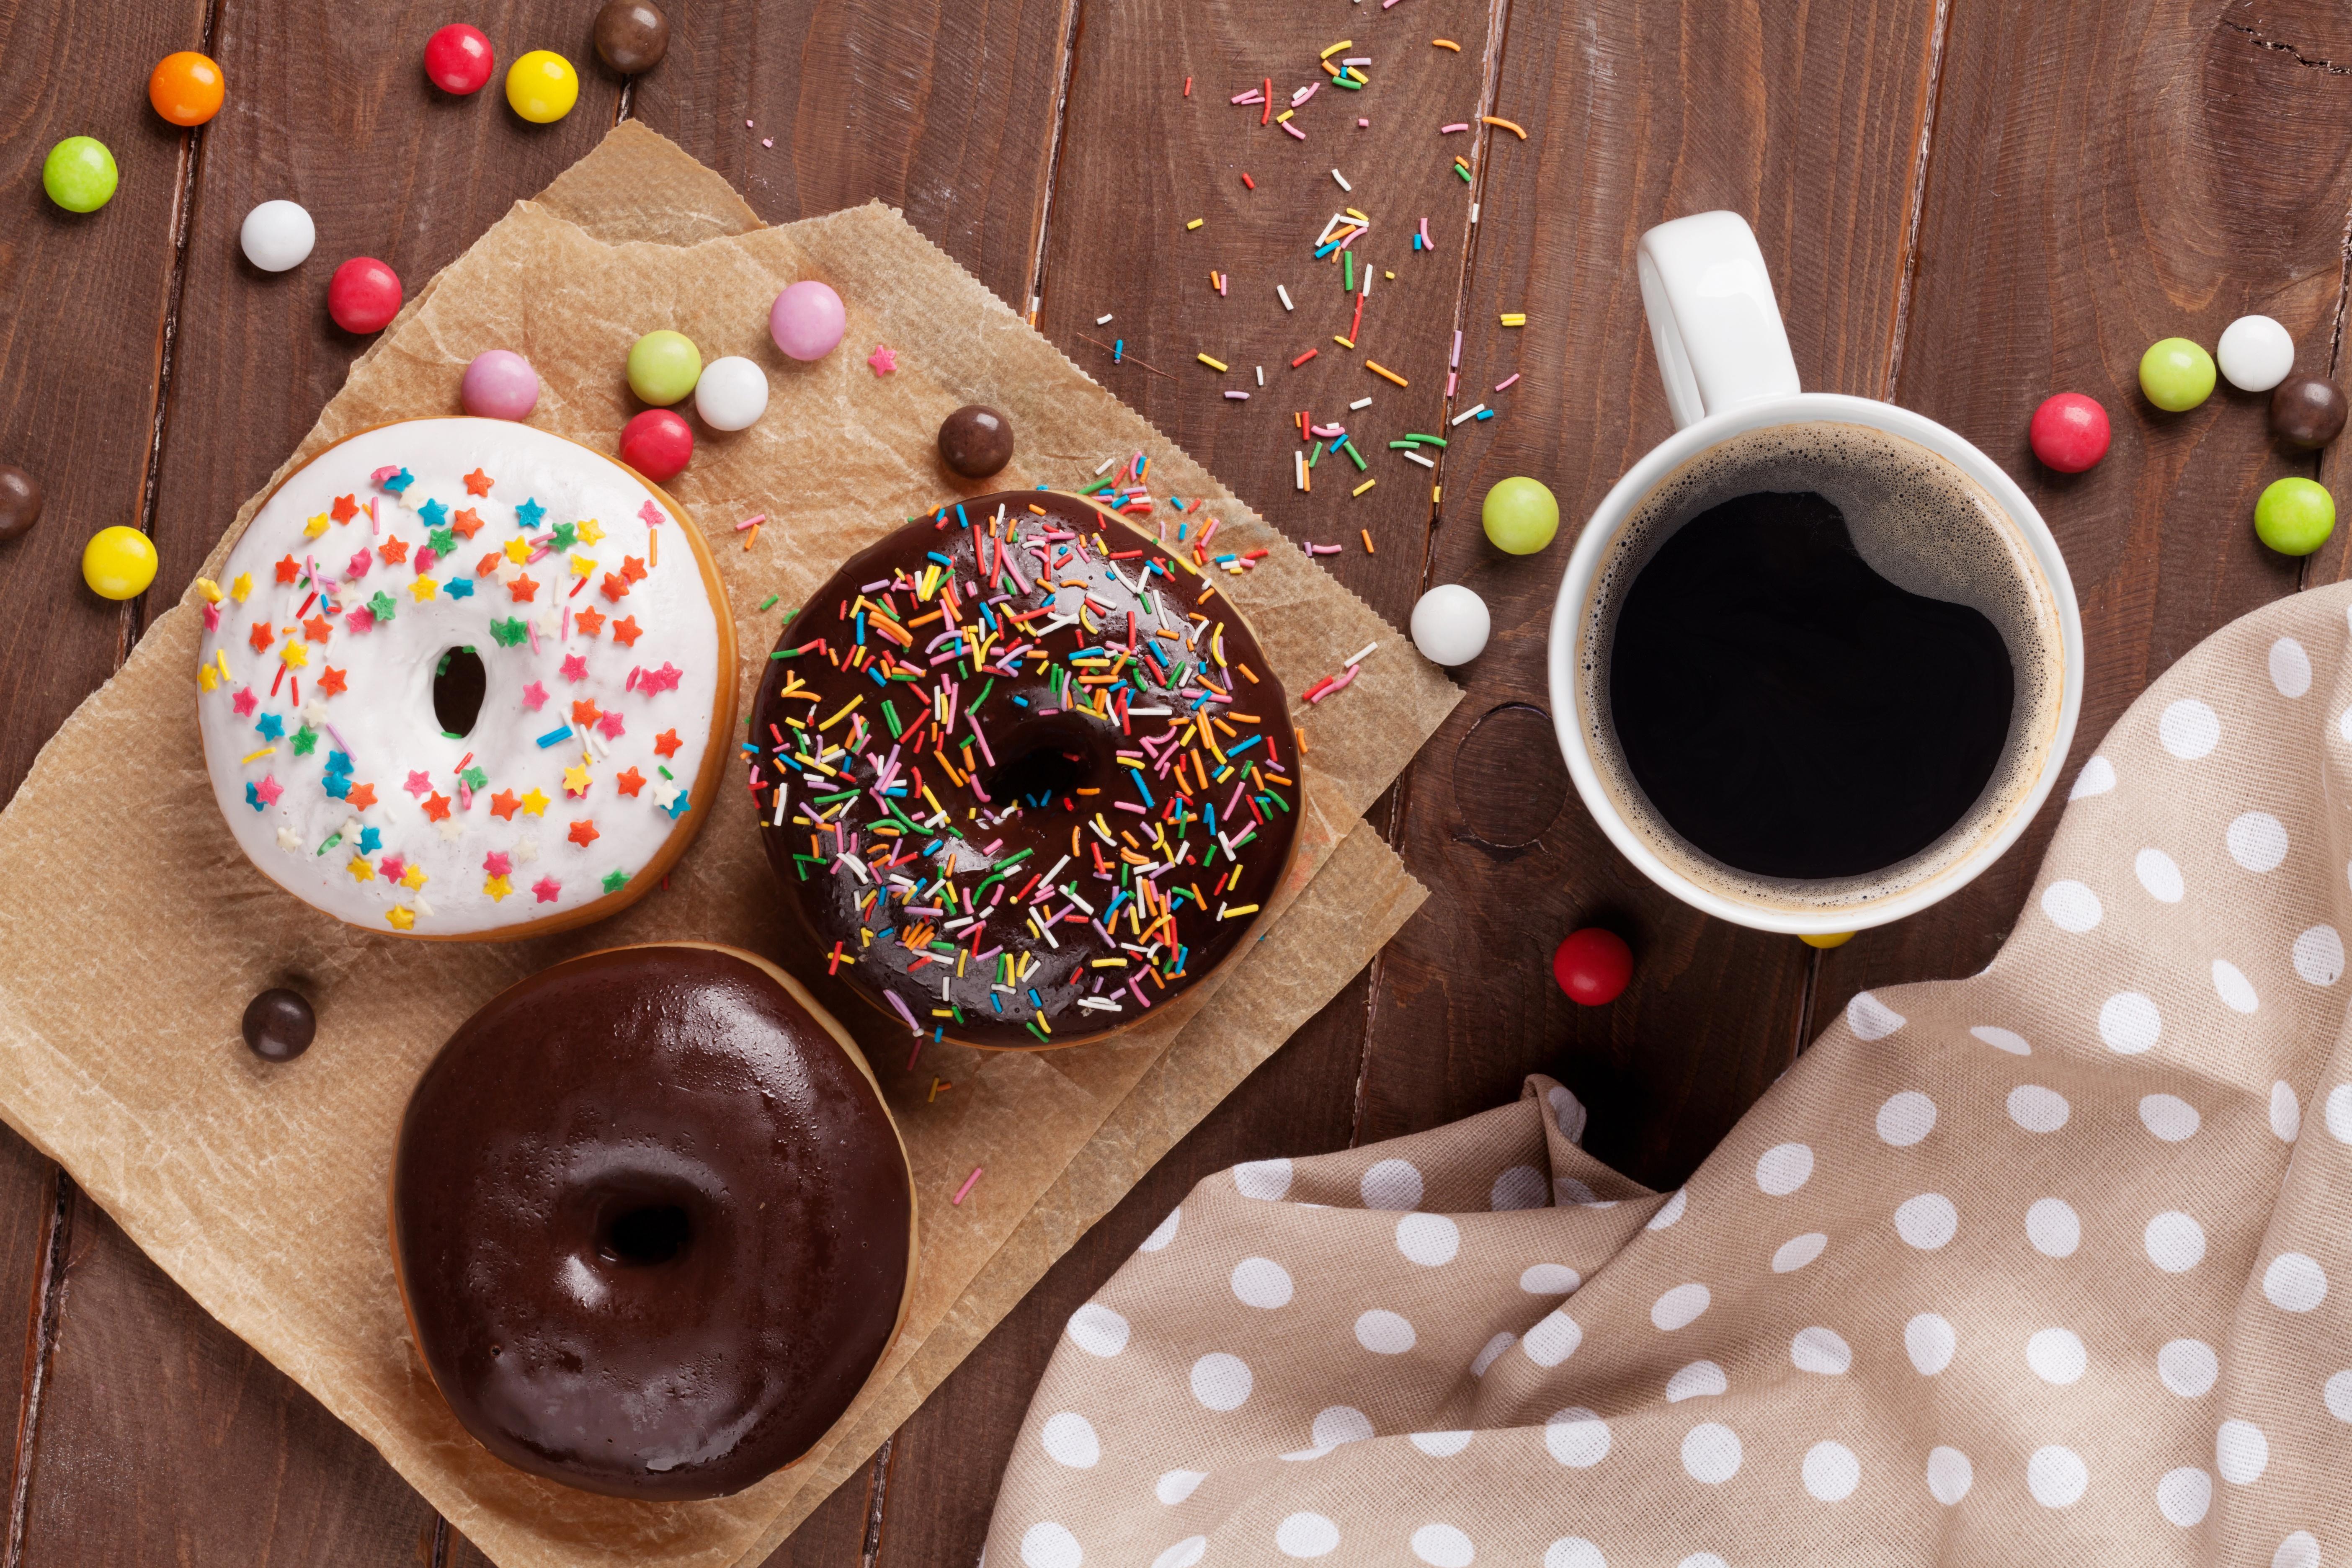 сип милые картинки пироженки и кофе мужчины вставляли сейчас